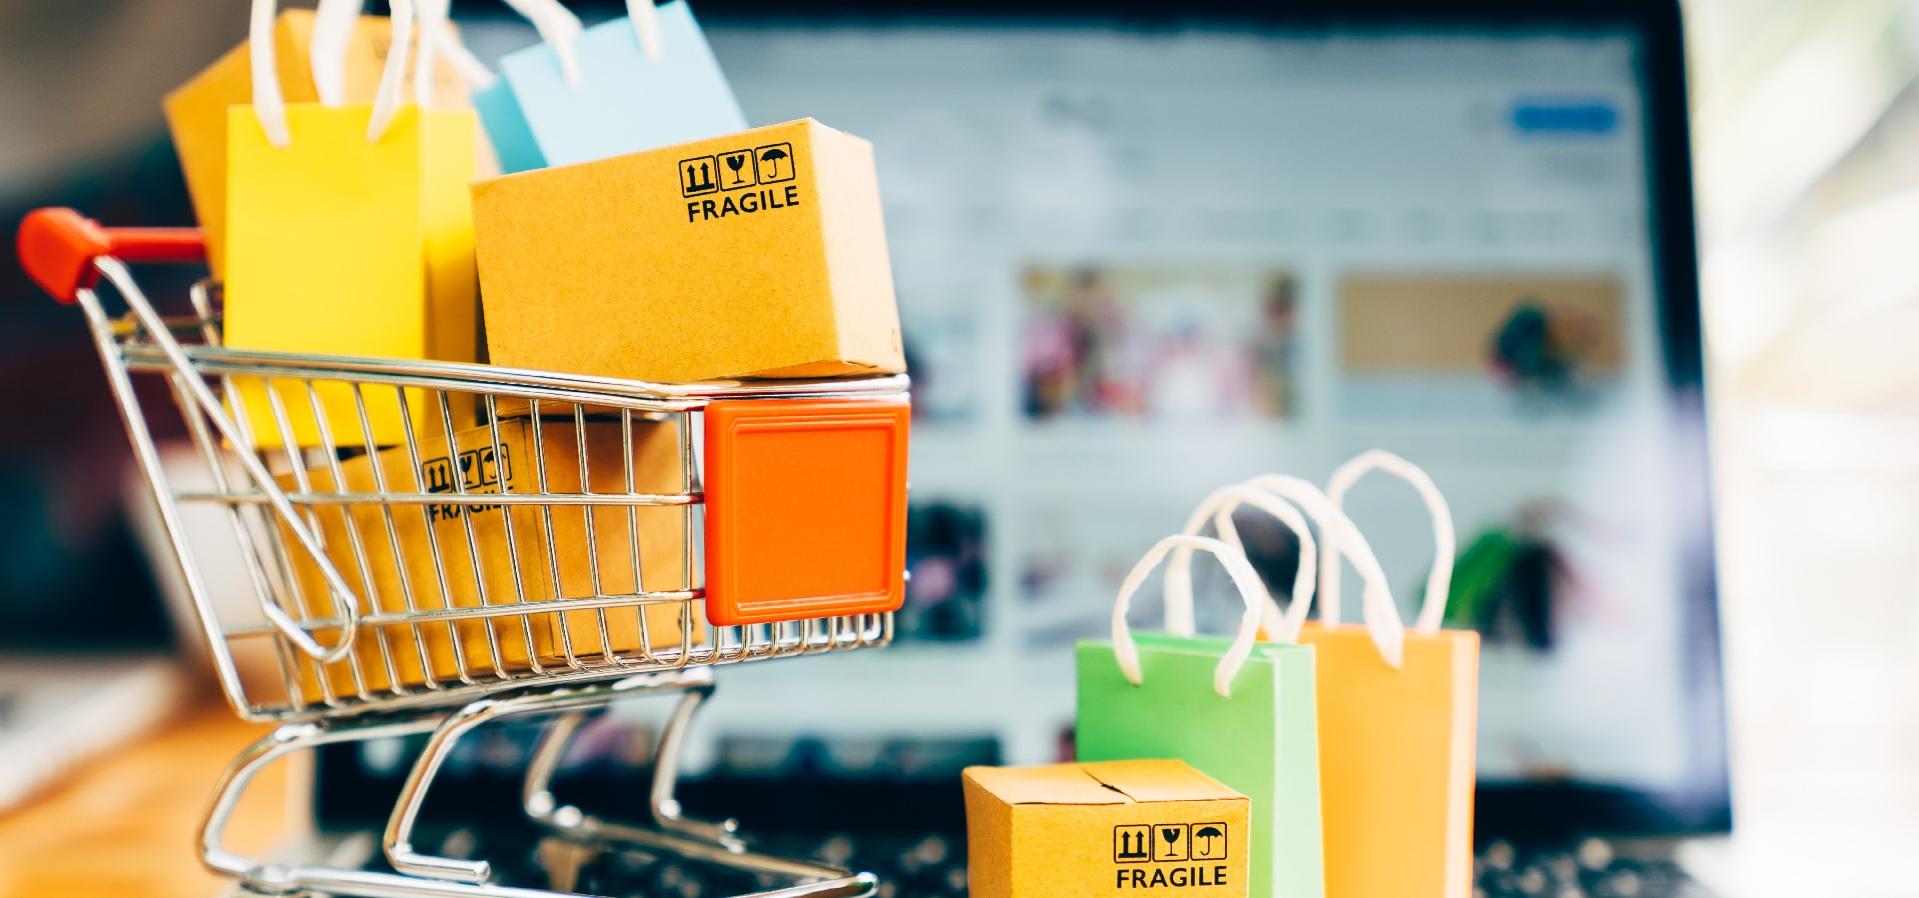 online shopping cart-1